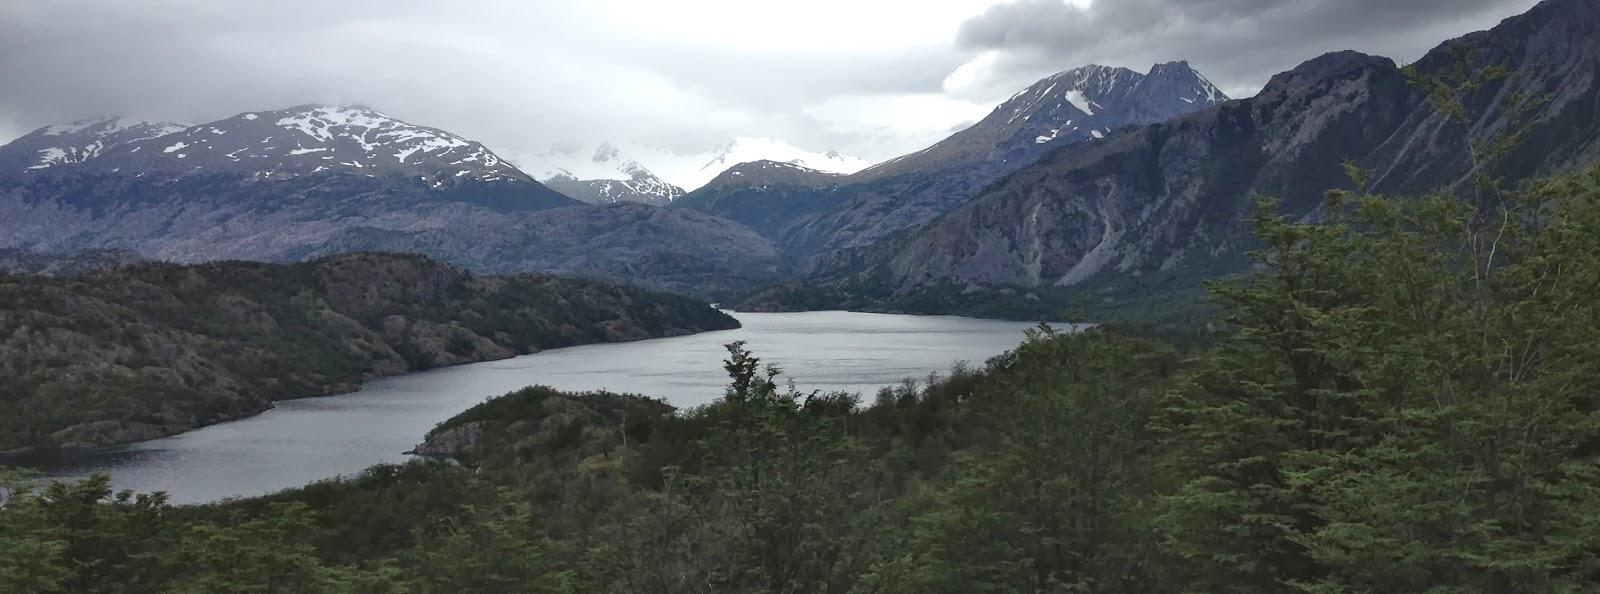 Озеро Кларо